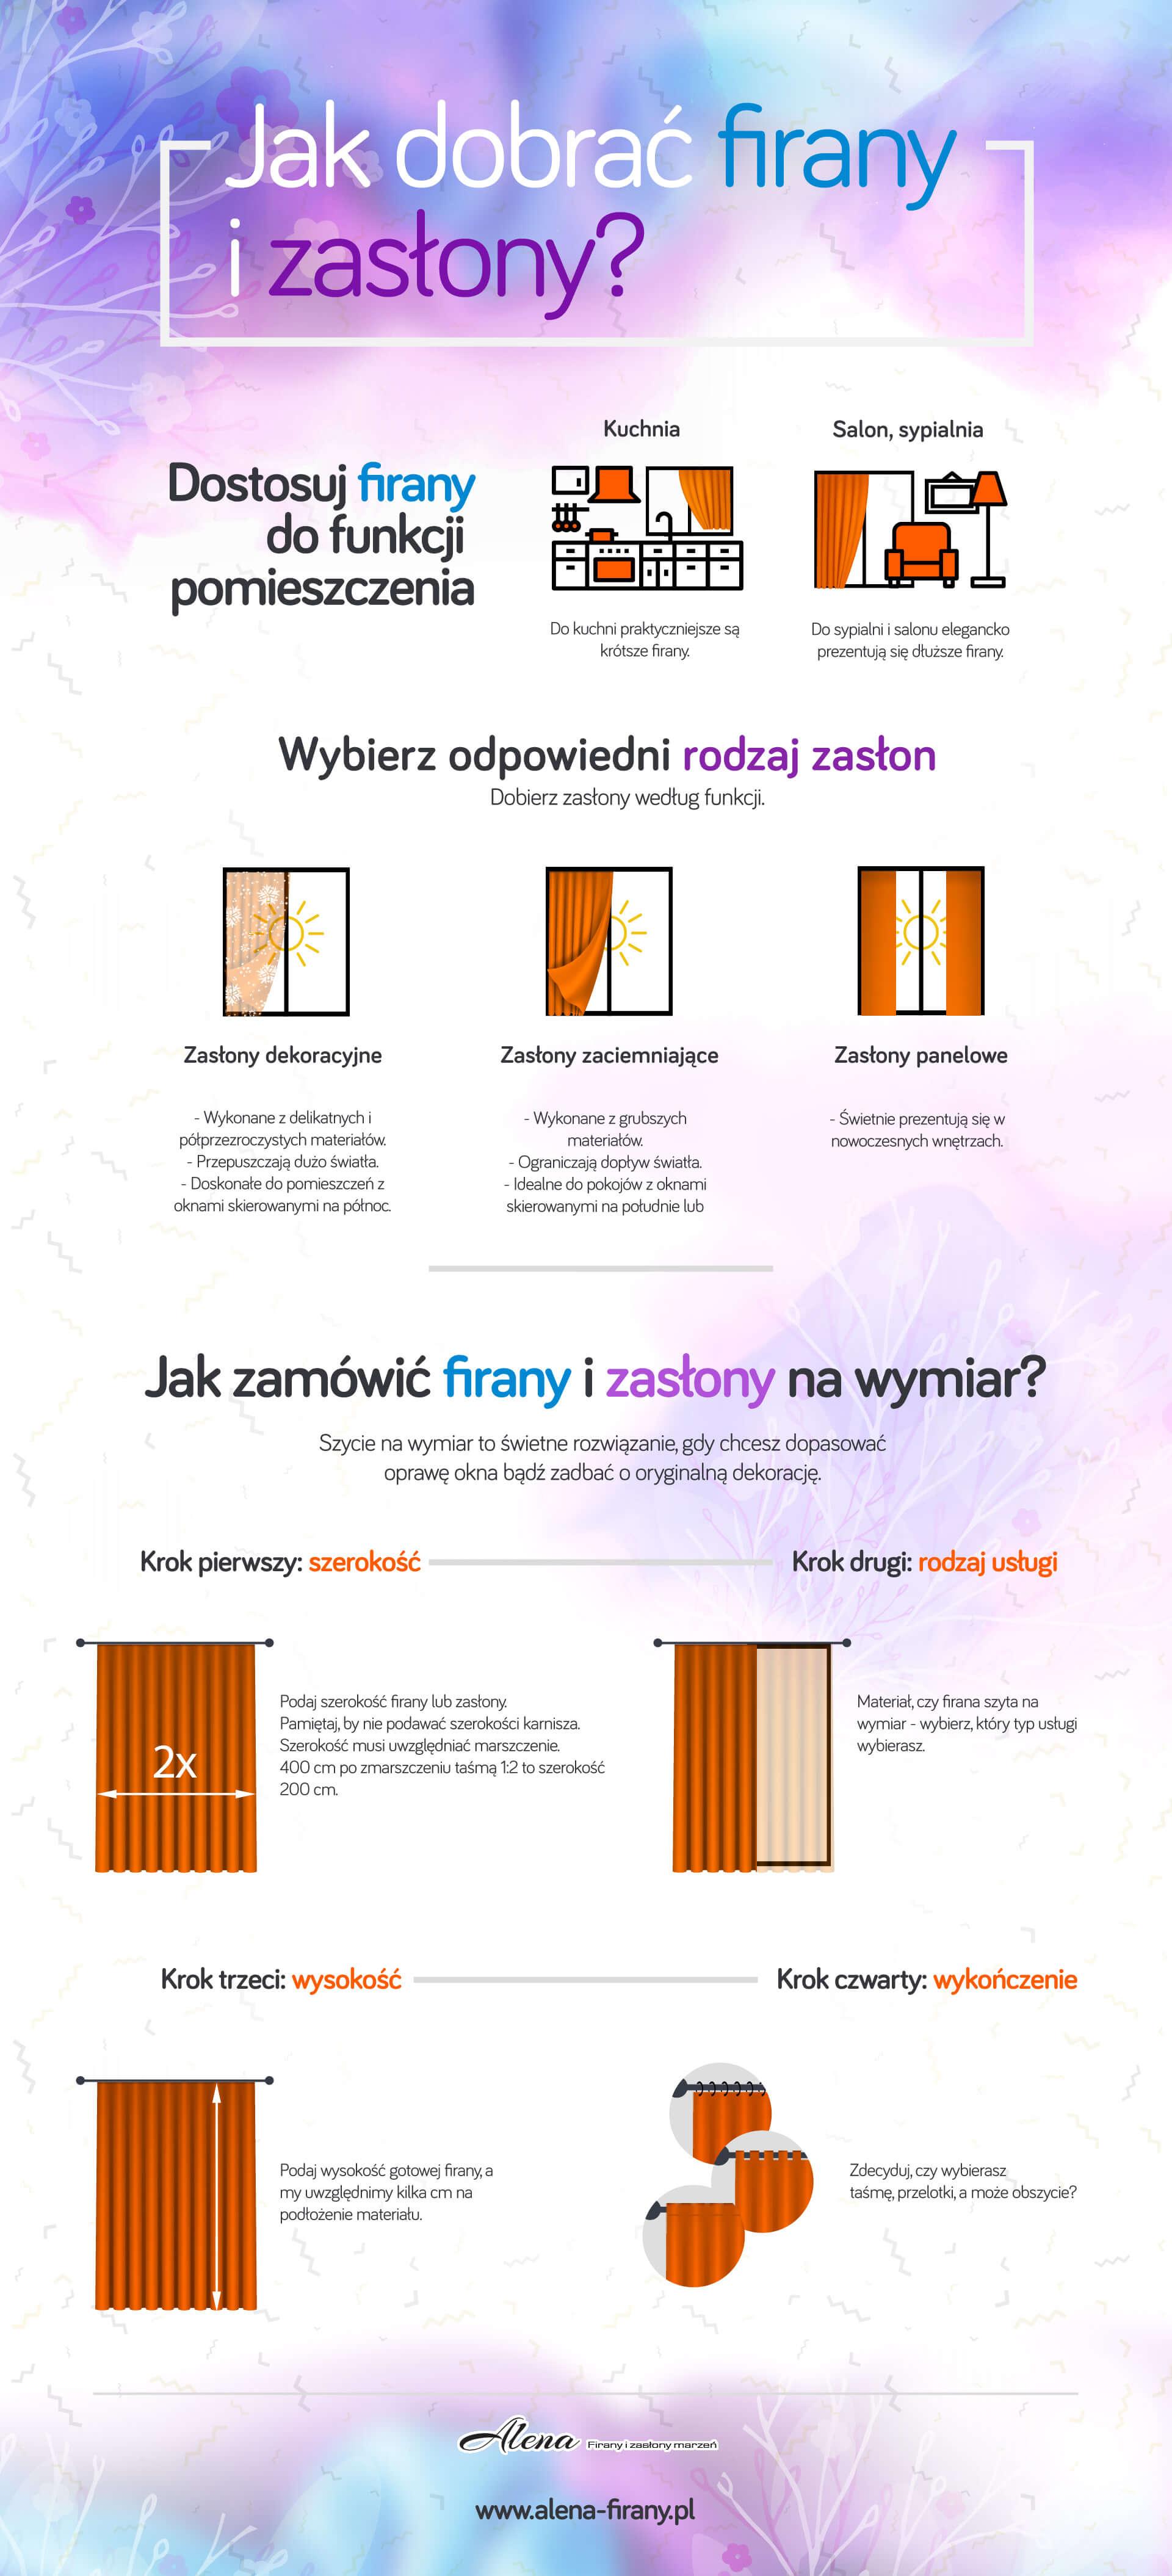 Infogrfika jak dobrać zasłonę i firanę, jak zamówić firankę i zasłonę na wymiar